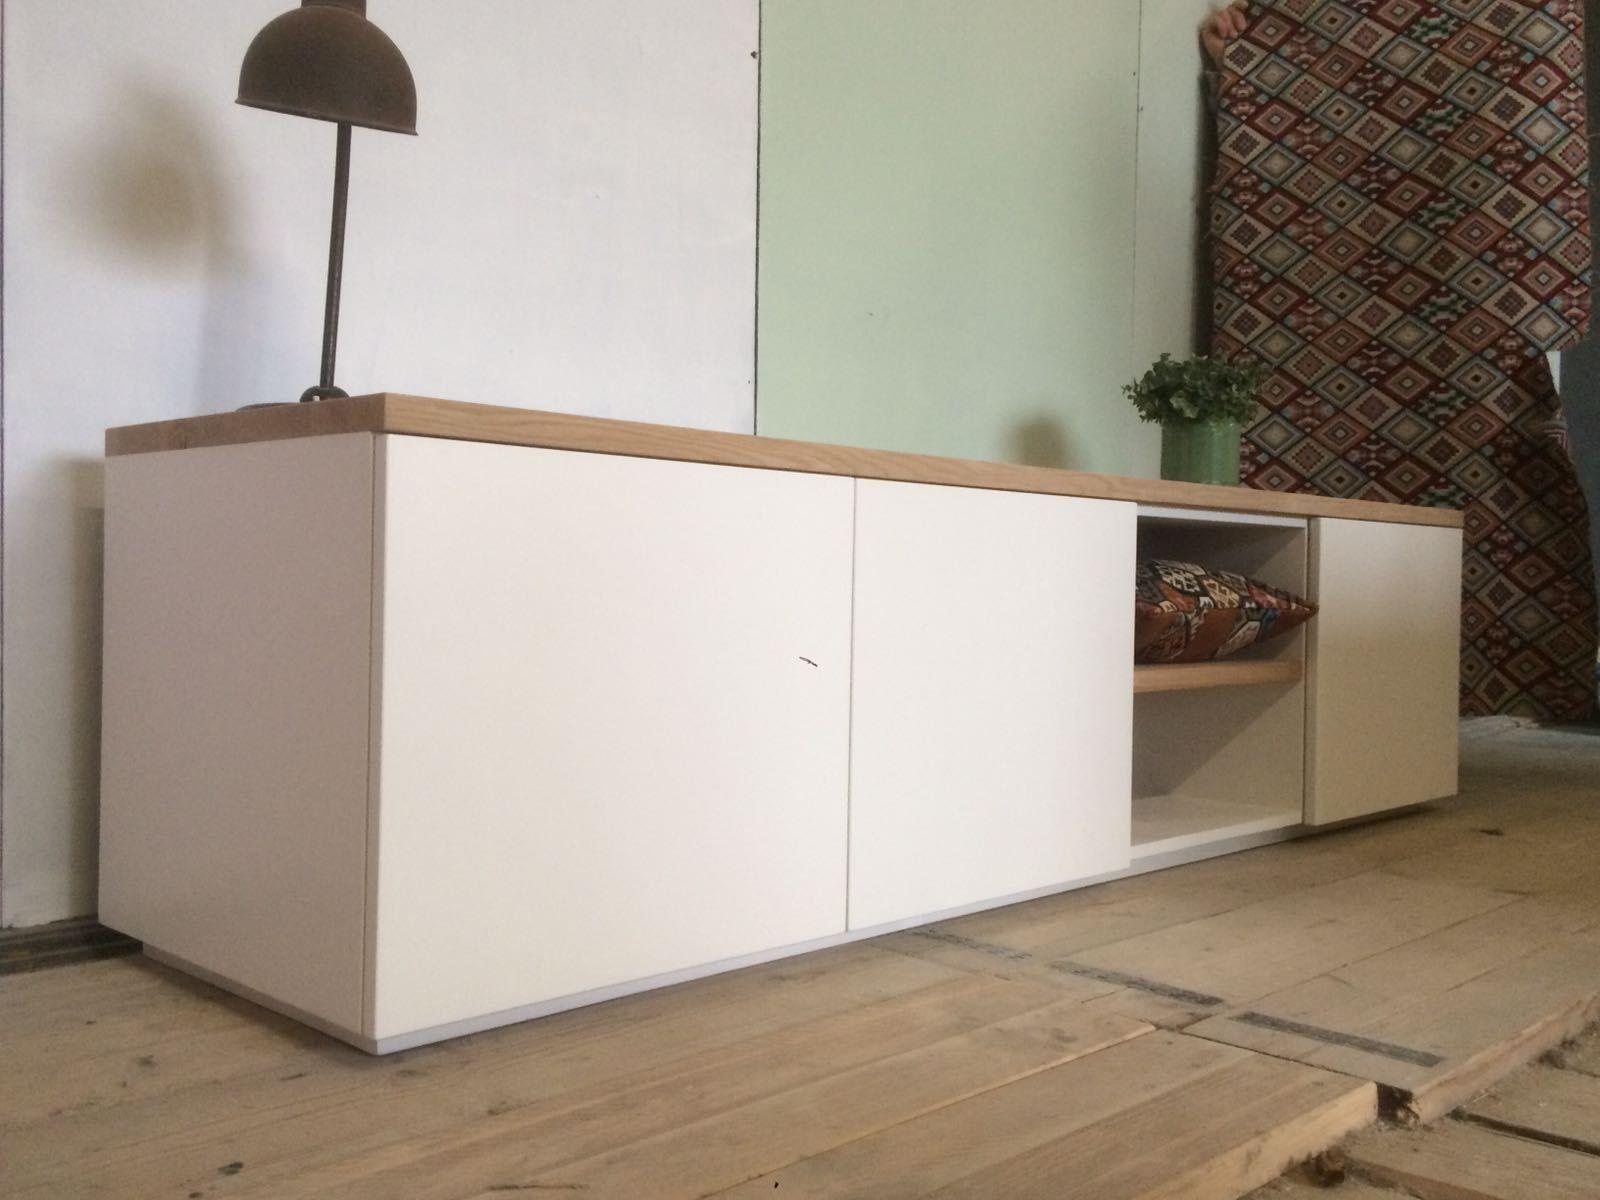 Tv Meubel Wit Houten Blad Modern greeploos tv meubel kaapstad met eiken houten bovenblad